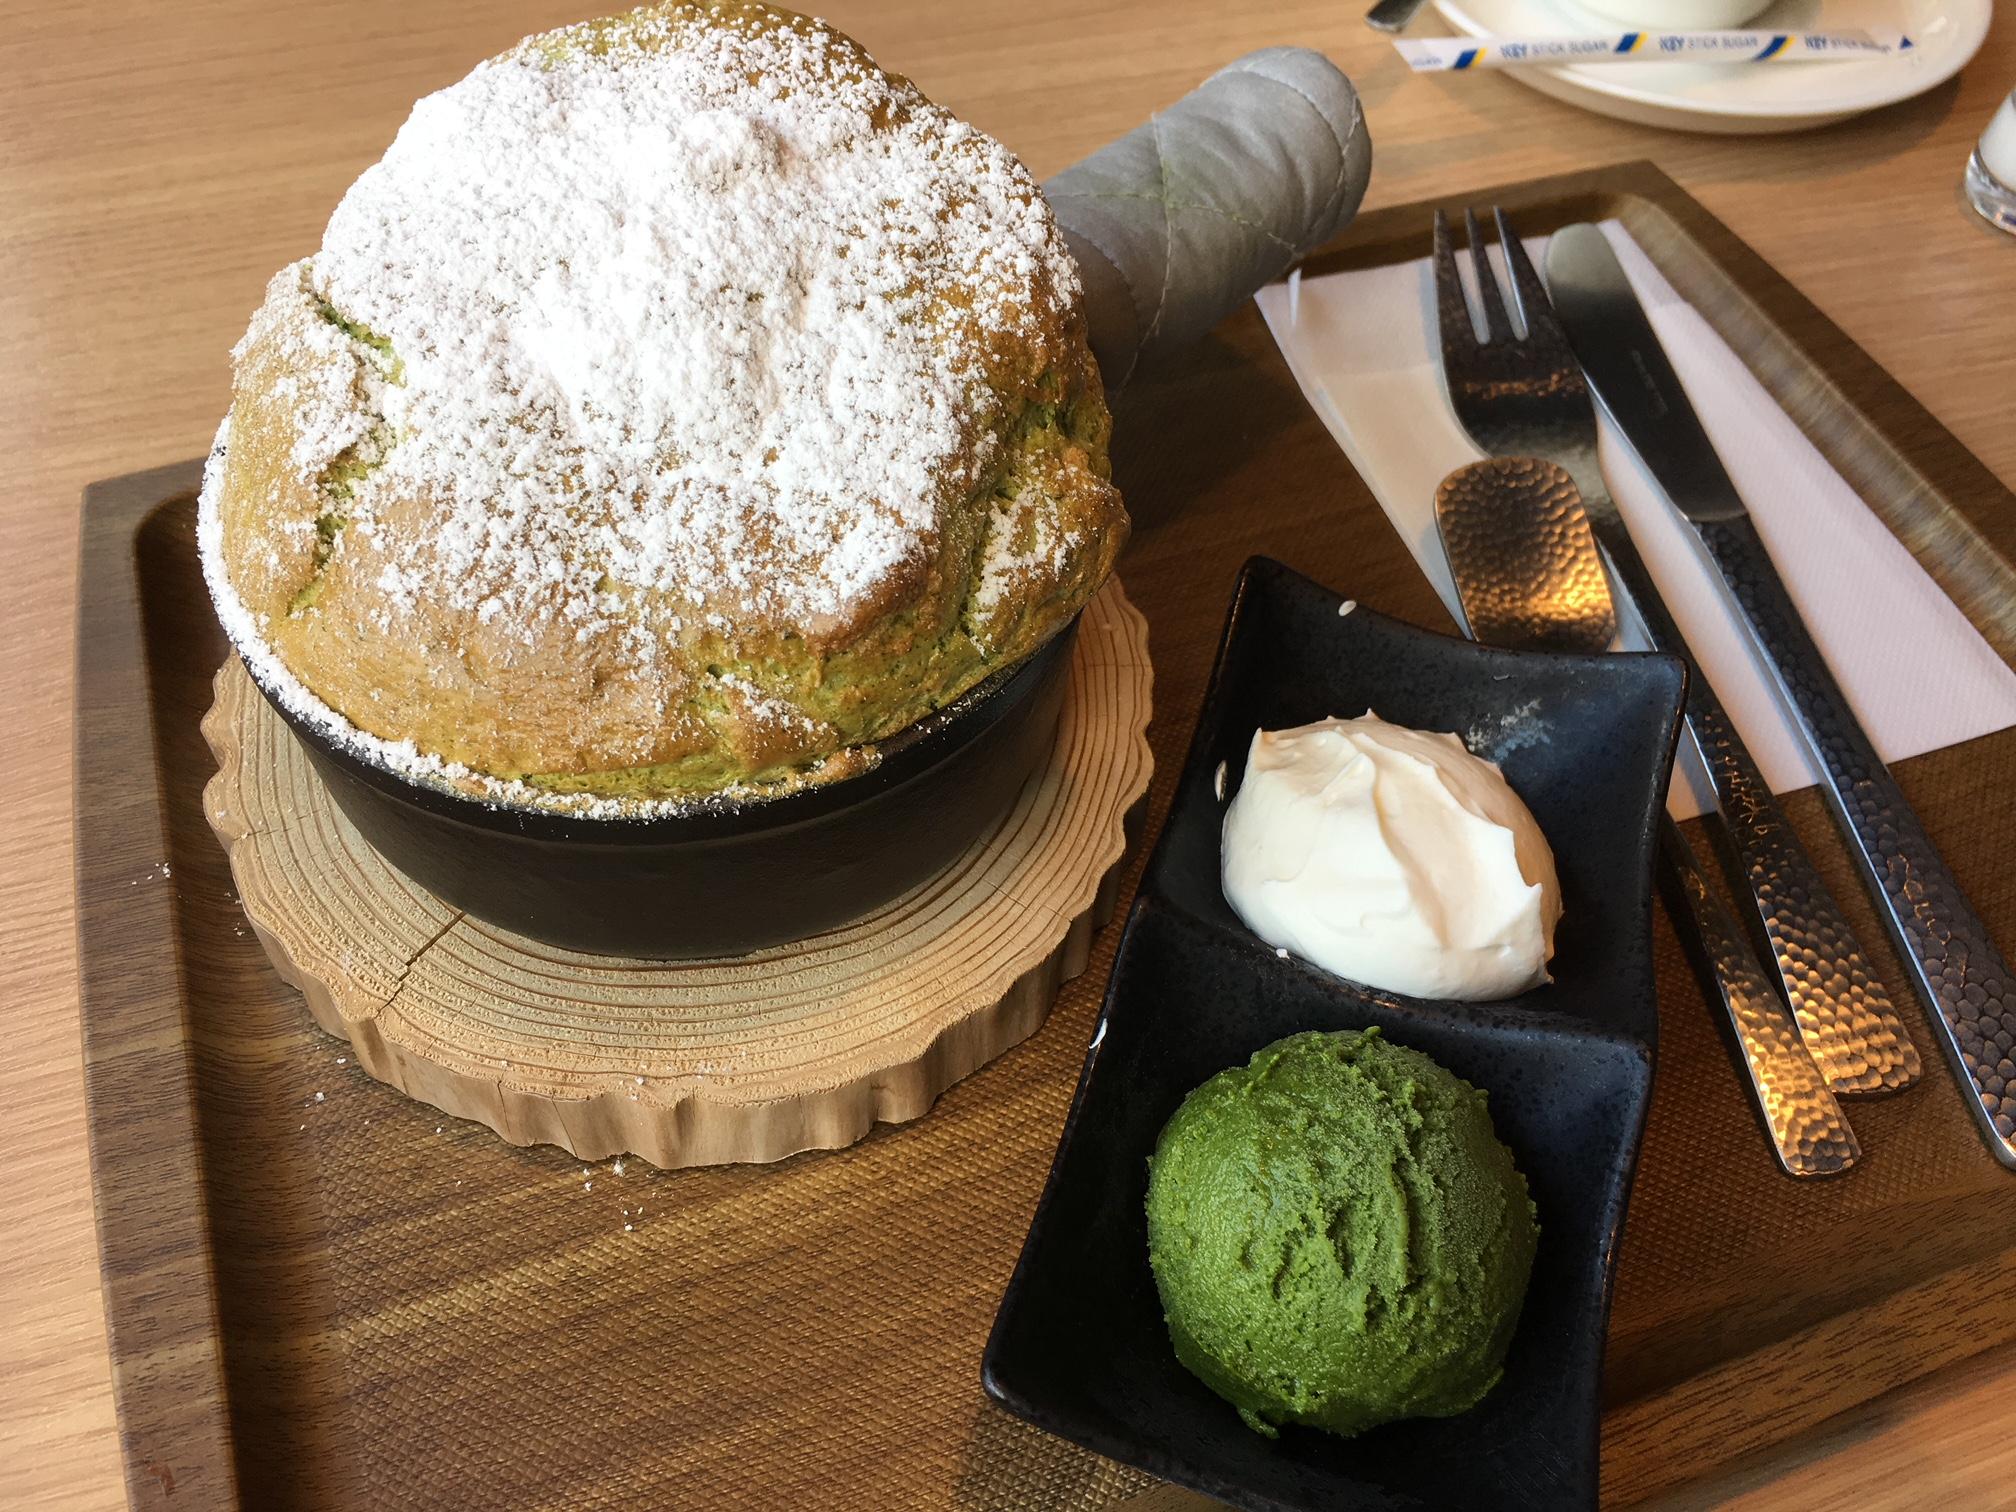 温泉でほっこりしたら甘いスイーツでもほっこりしよう♡箱根の癒しカフェ3選【NARAYA CAFE/グランリヴィエール箱根/cafe KOMON】